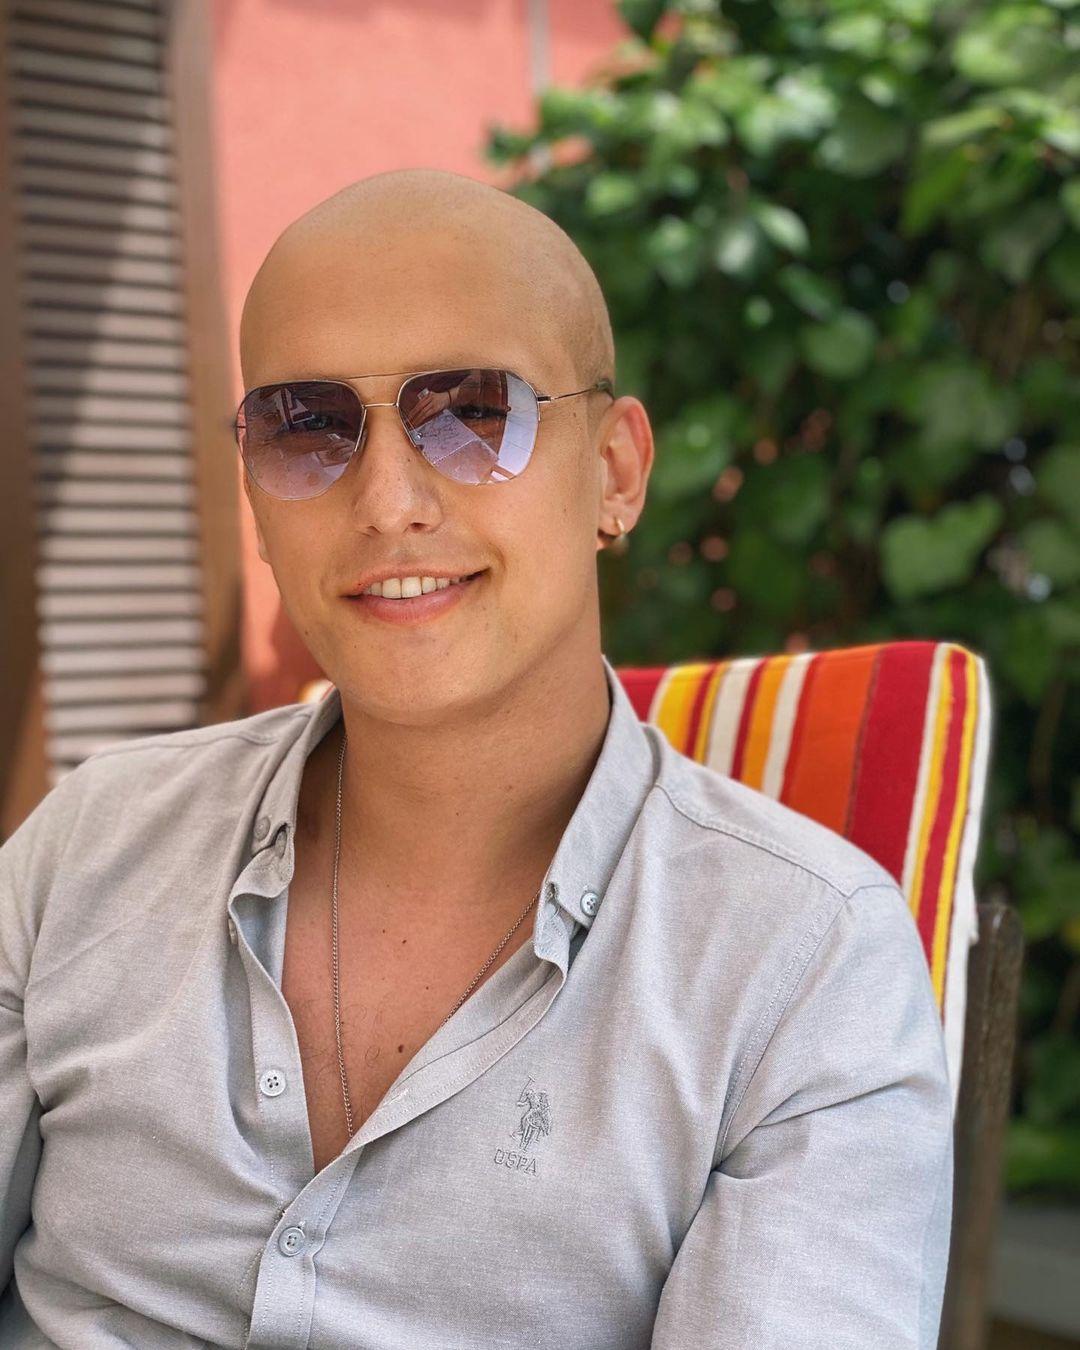 Kanser tedavisi görüyordu! Boğaç Aksoy güzel haberi sosyal medya hesabından duyurdu!